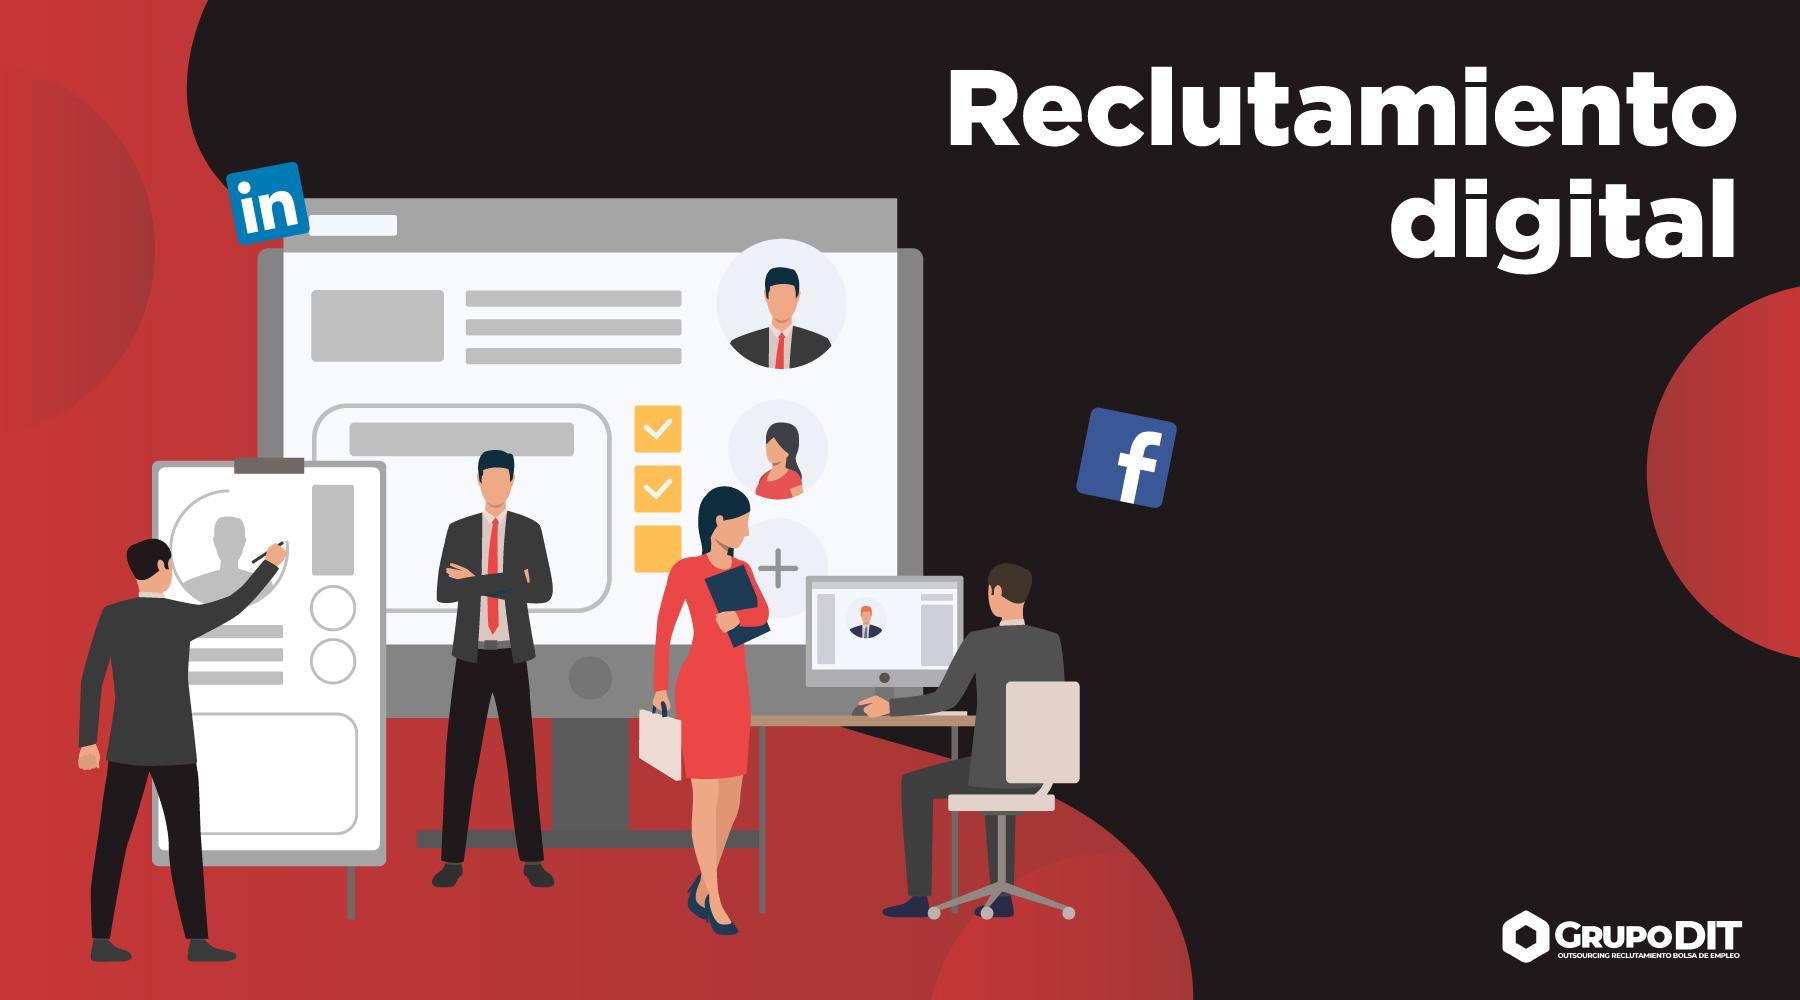 Reclutamiento digital en Facebook, LinkedIn y bolsas de empleo por Grupo DIT